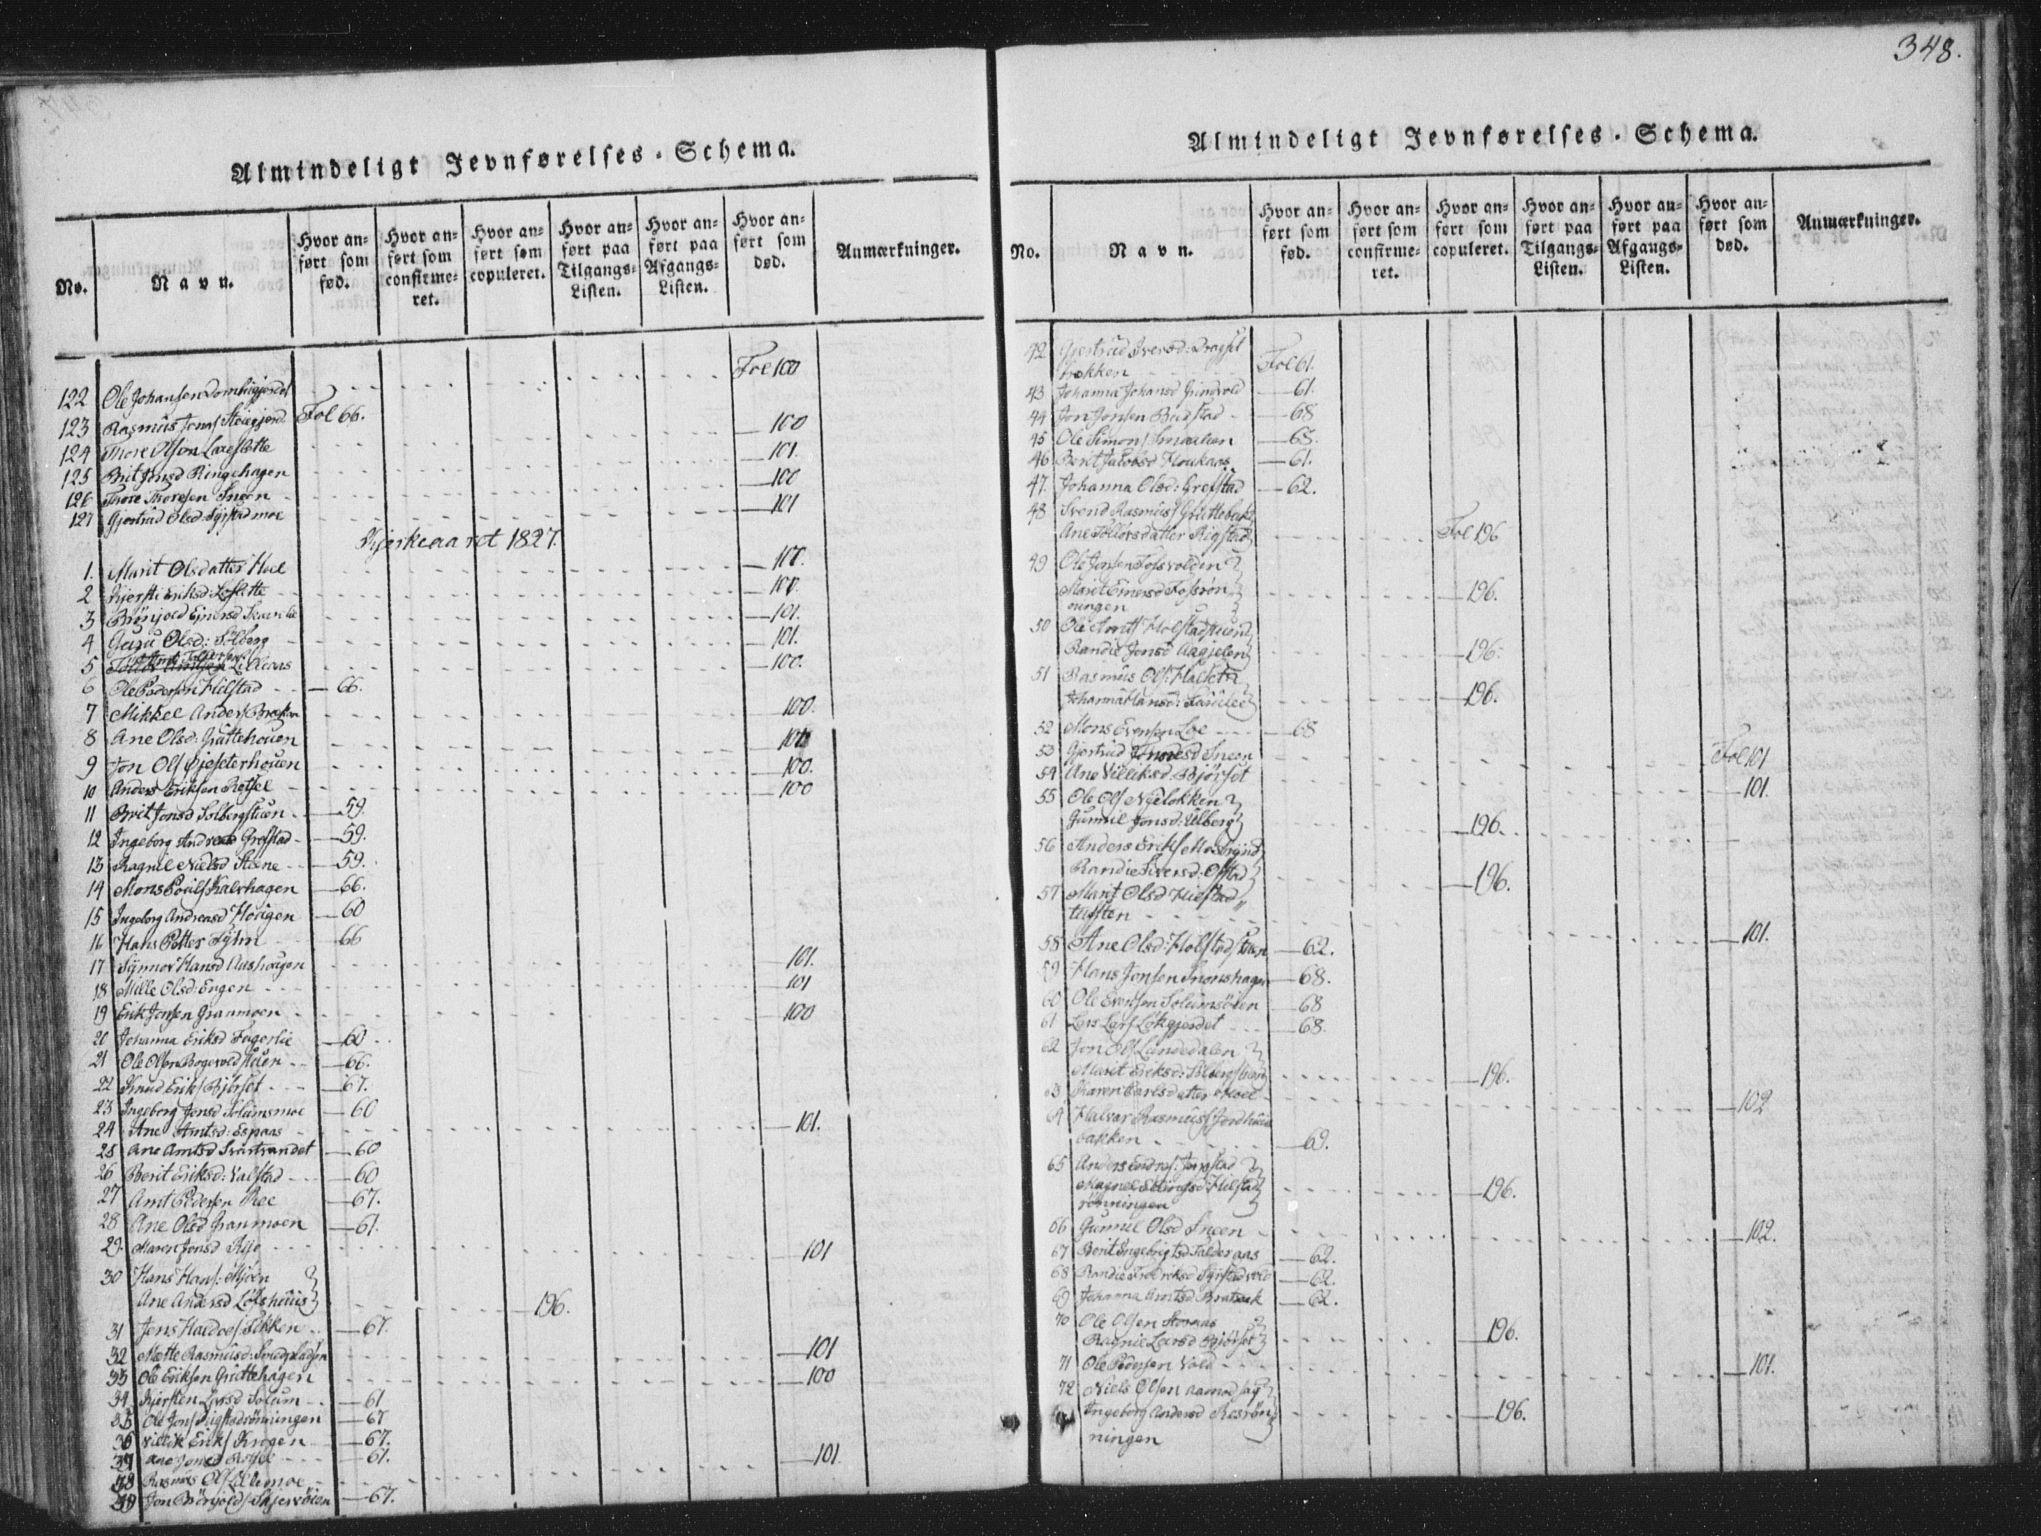 SAT, Ministerialprotokoller, klokkerbøker og fødselsregistre - Sør-Trøndelag, 672/L0862: Klokkerbok nr. 672C01, 1816-1831, s. 348